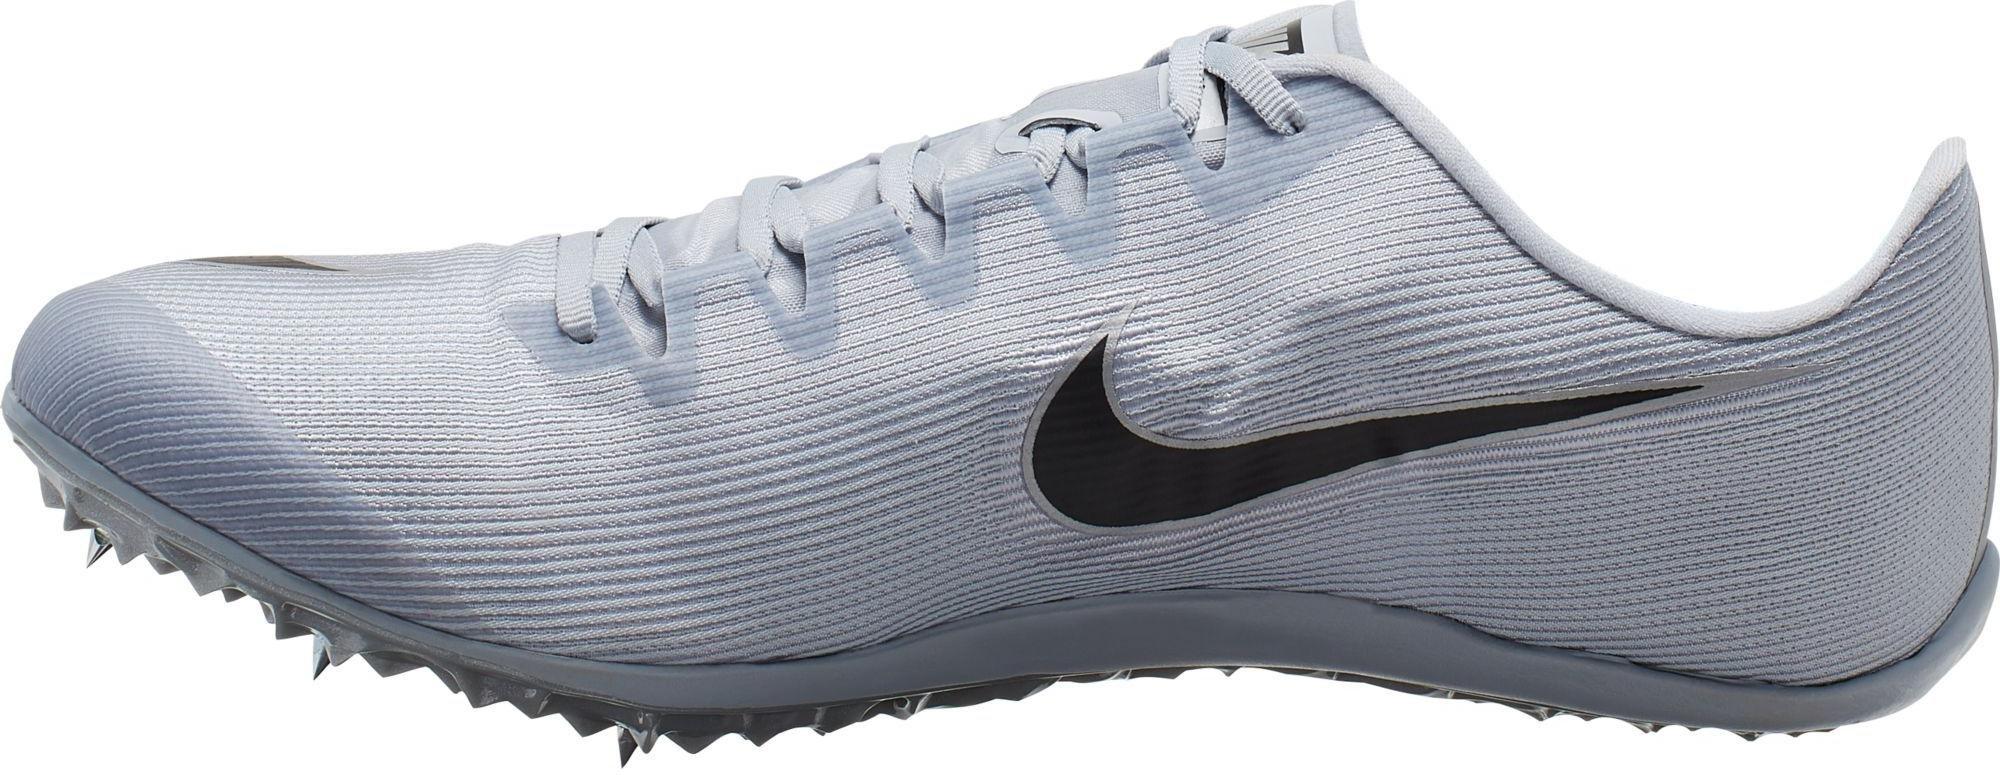 Scarpe da atletica Nike ZOOM 400